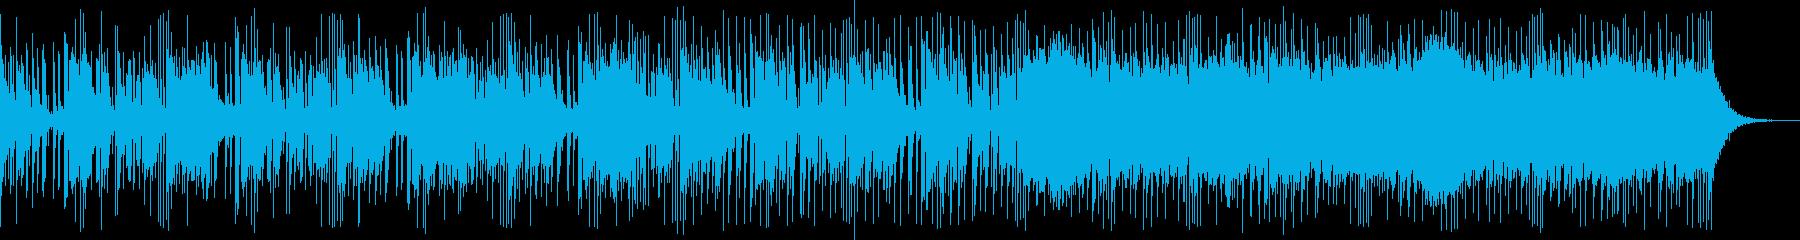 恐怖感・中東風の曲の再生済みの波形